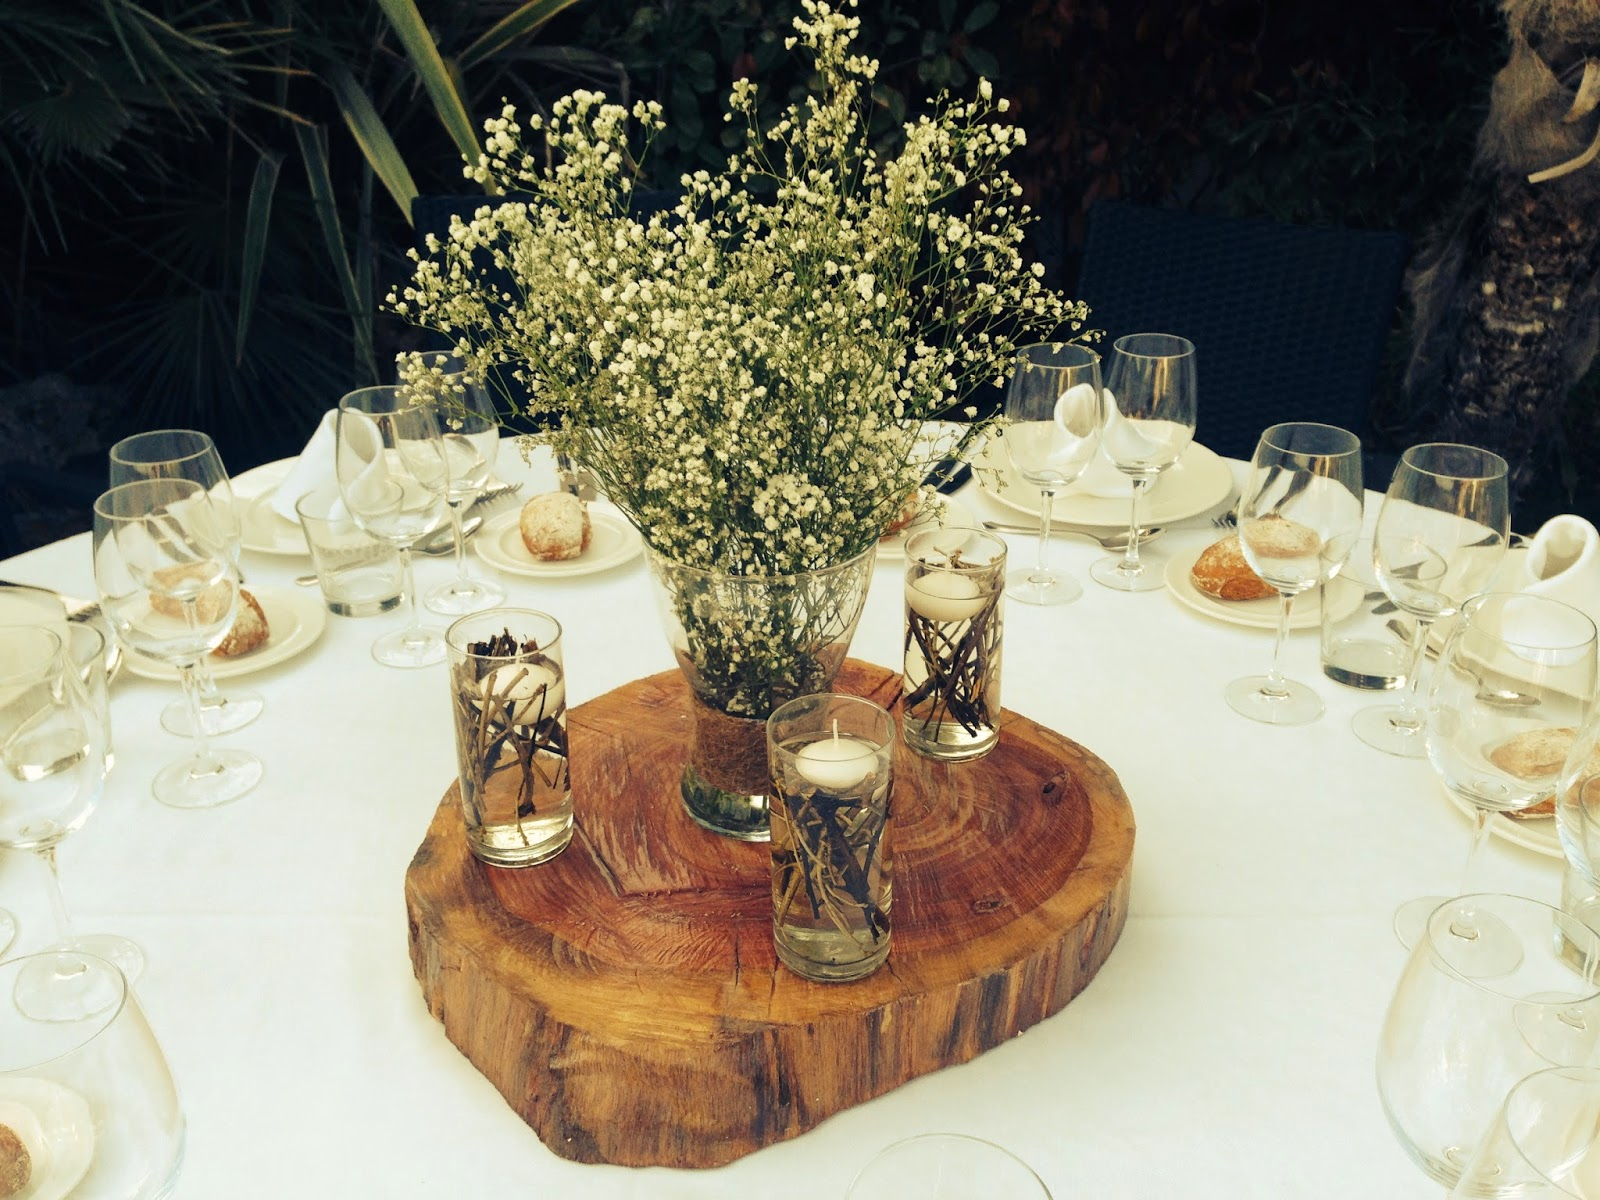 Fincas y salones de boda vara restaurante eventos for Decoracion rustica para bodas